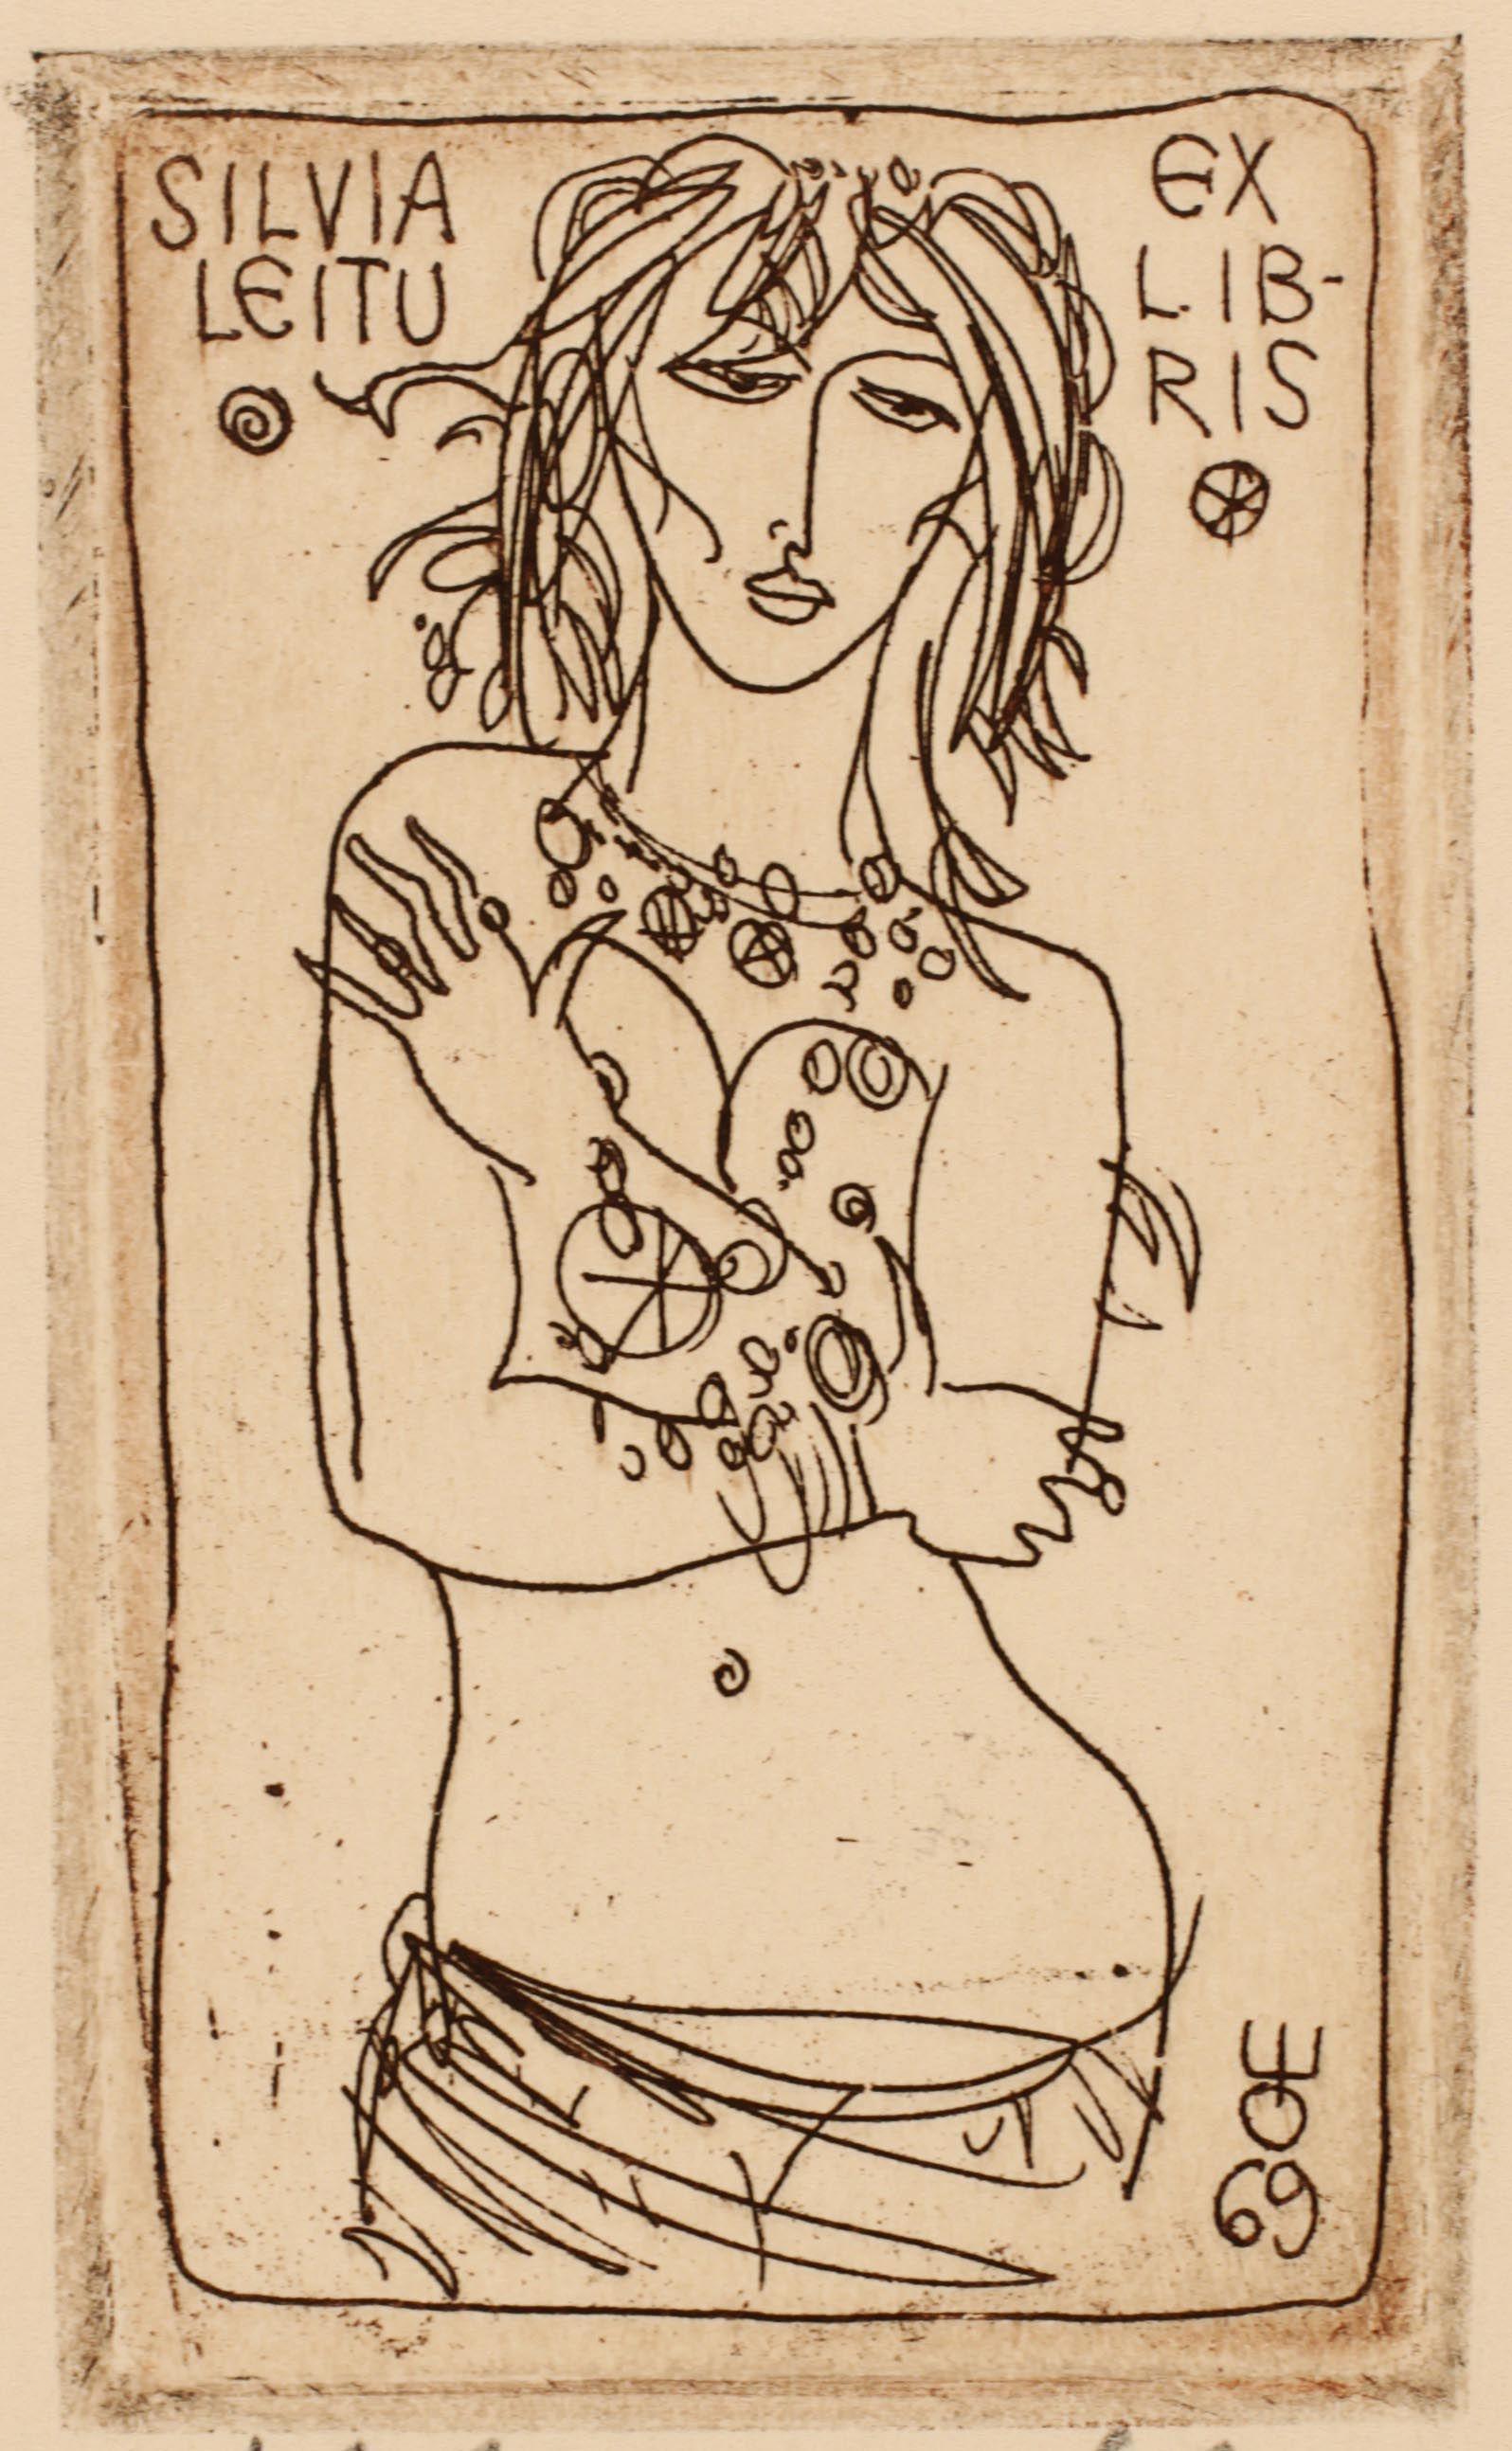 Evald Okas, Art-exlibris.net